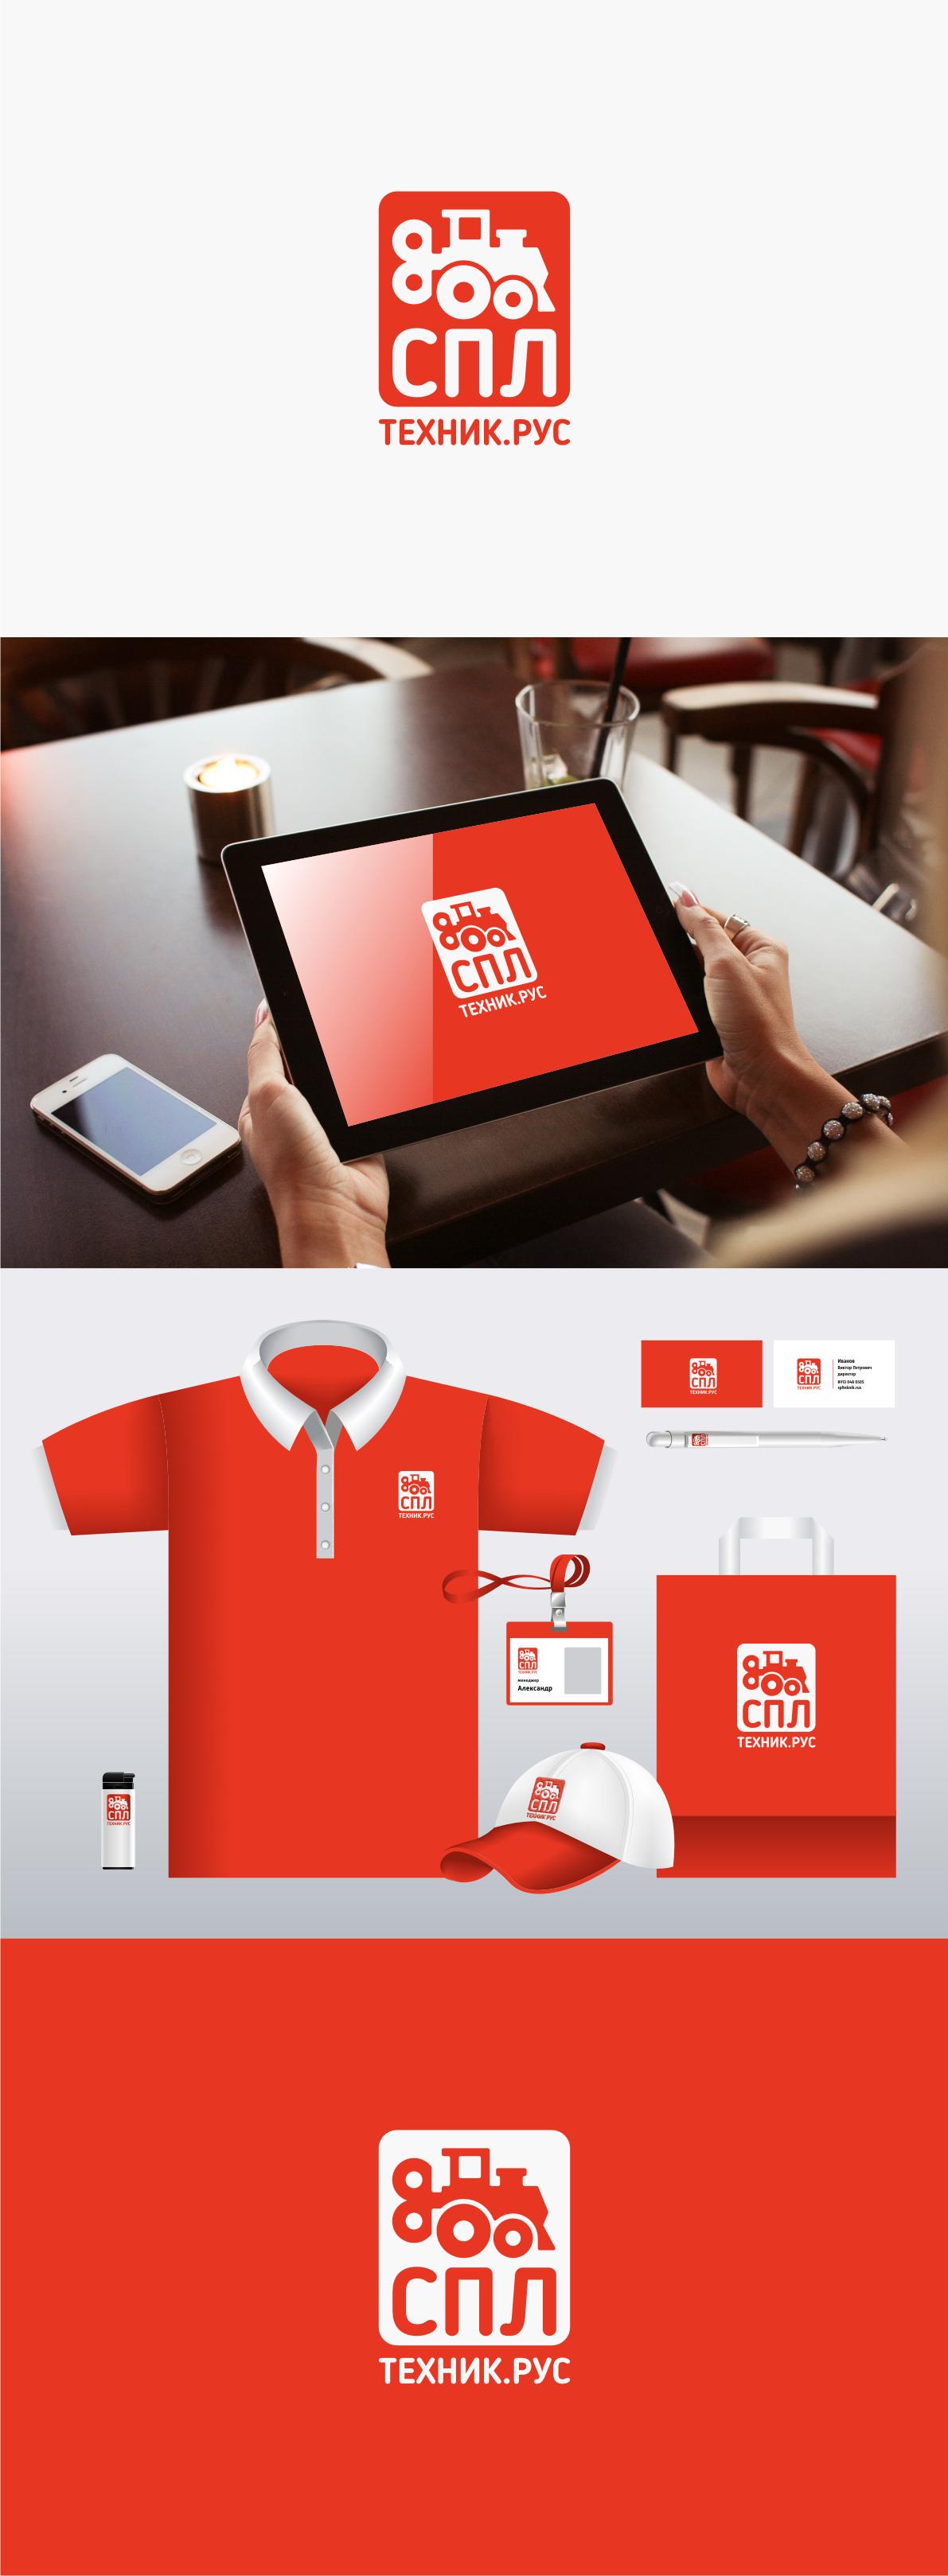 Разработка логотипа и фирменного стиля фото f_75559b3f3bedac2d.png